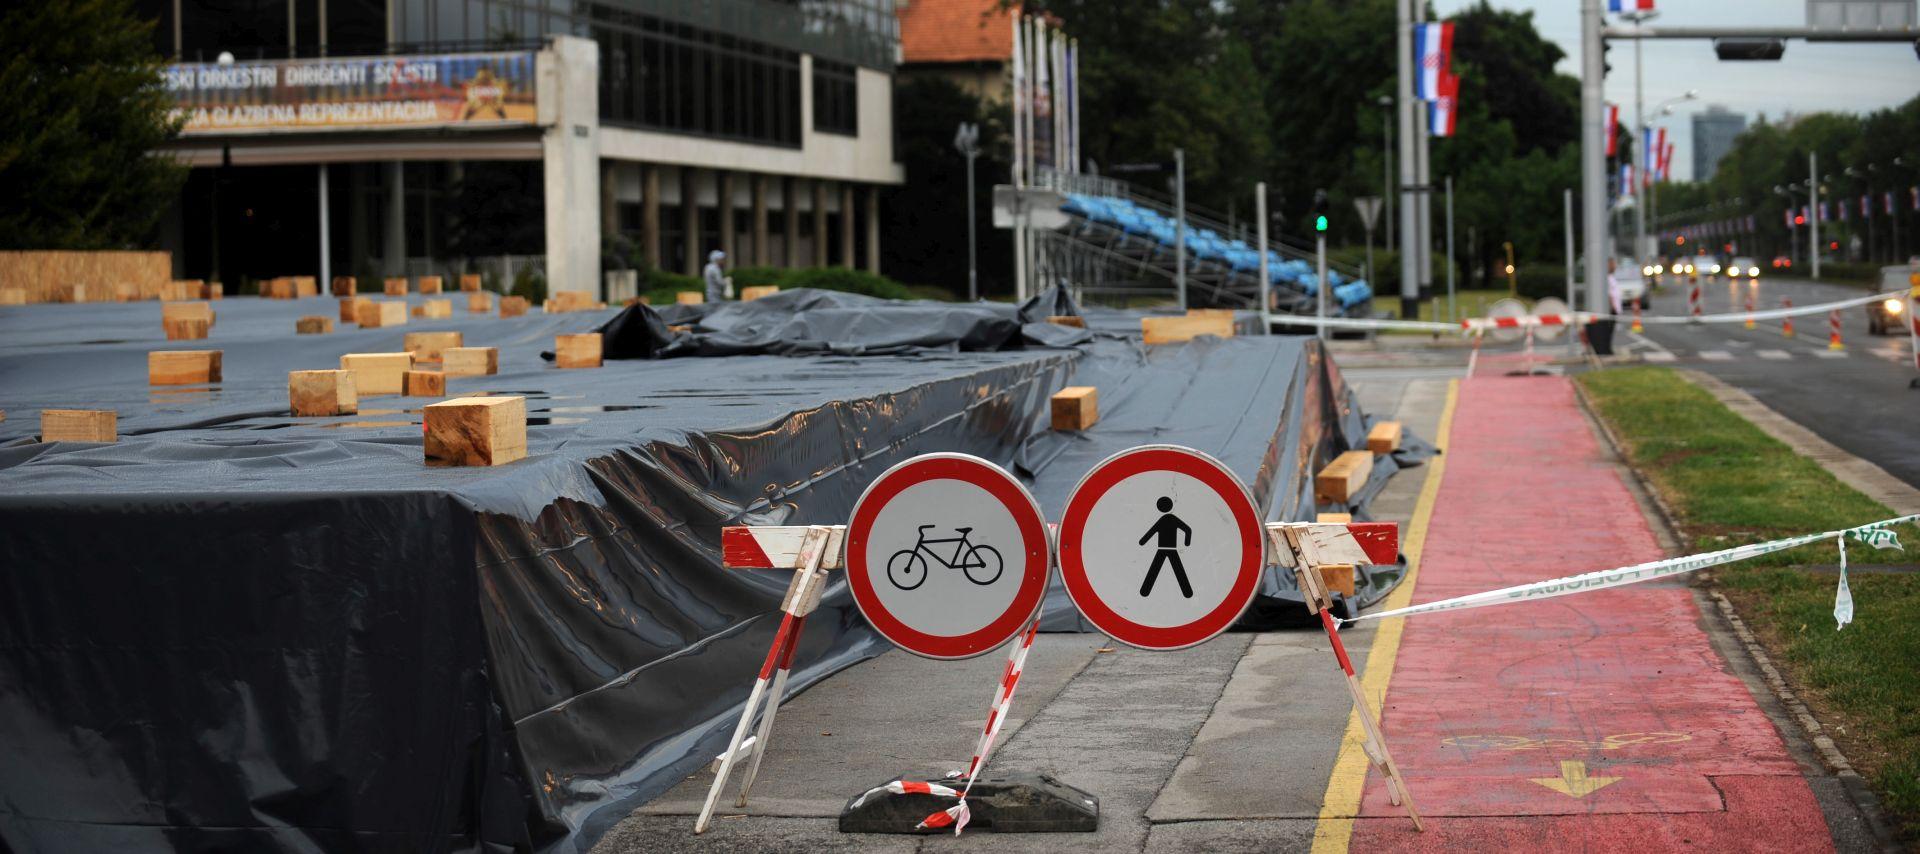 POSEBNA REGULACIJA PROMETA: Promet prema jugu Zagreba se obustavlja iza 13 sati